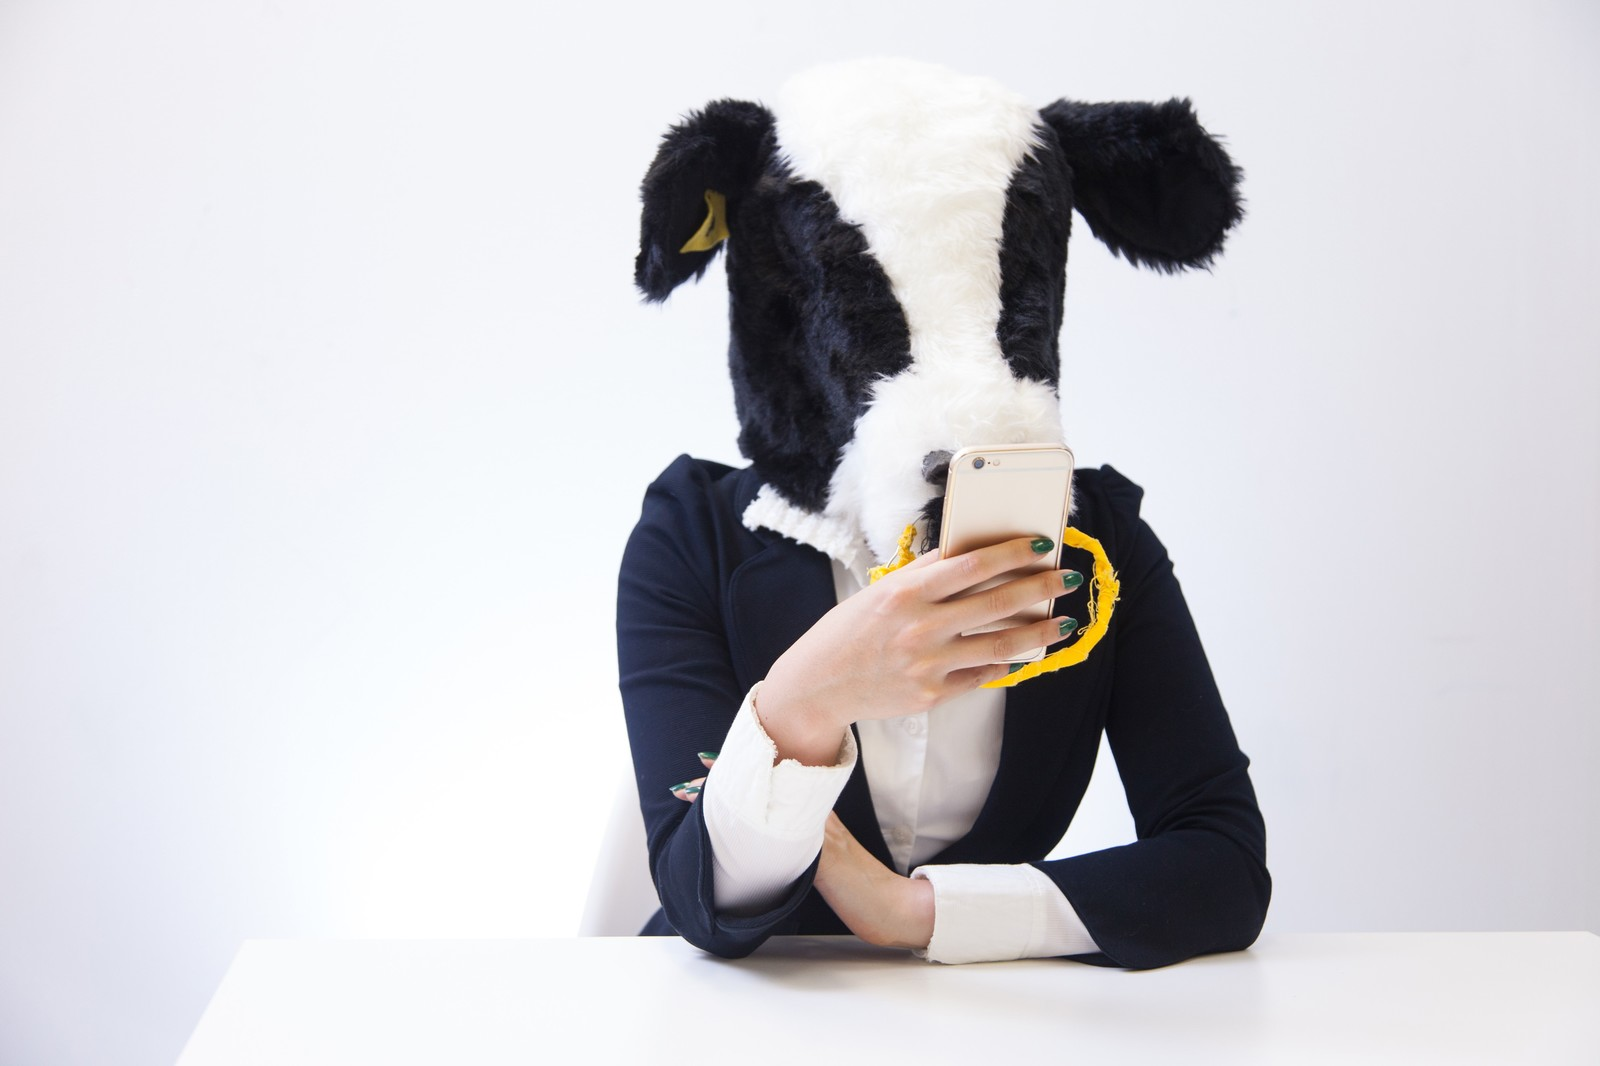 「スマホでニュースサイトをチェックする牛」の写真[モデル:古性のっち]